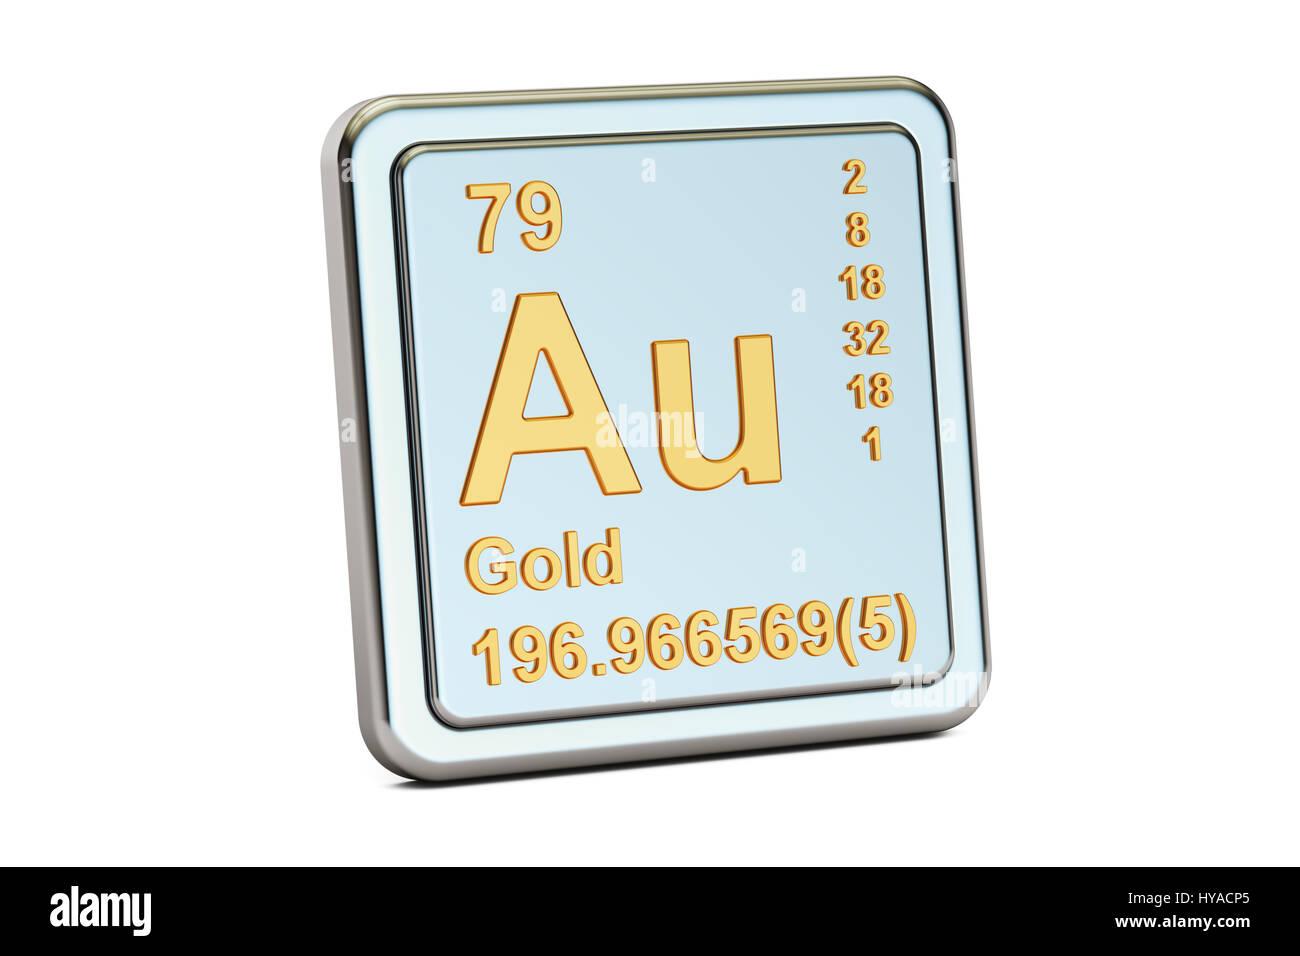 Gold aurum au chemical element sign 3d rendering isolated on gold aurum au chemical element sign 3d rendering isolated on white background gamestrikefo Image collections